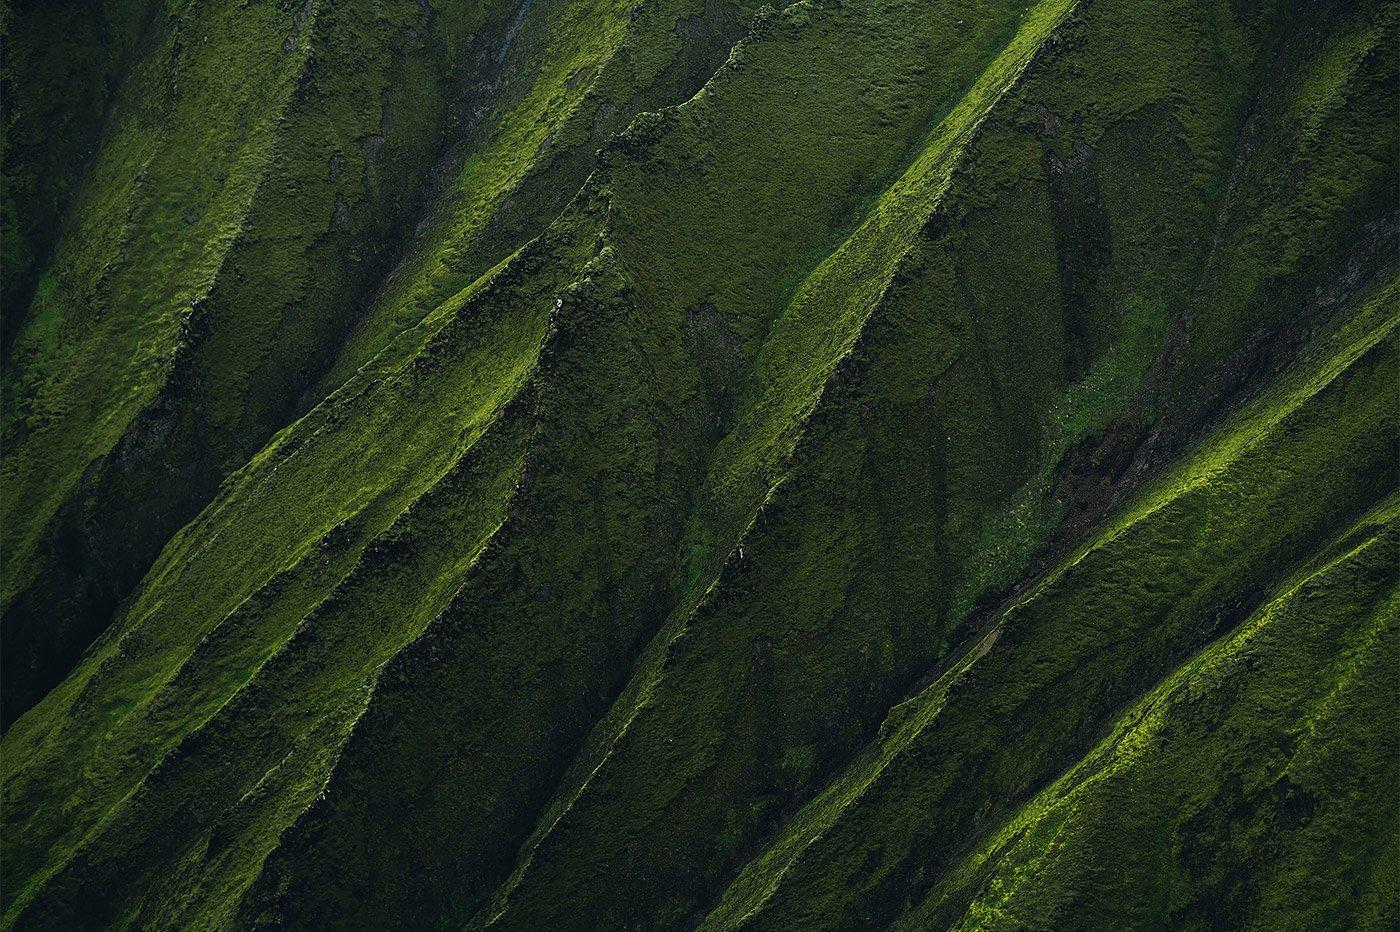 自然的艺术: Ben Simon Rehn令人惊叹的抽象风景摄影